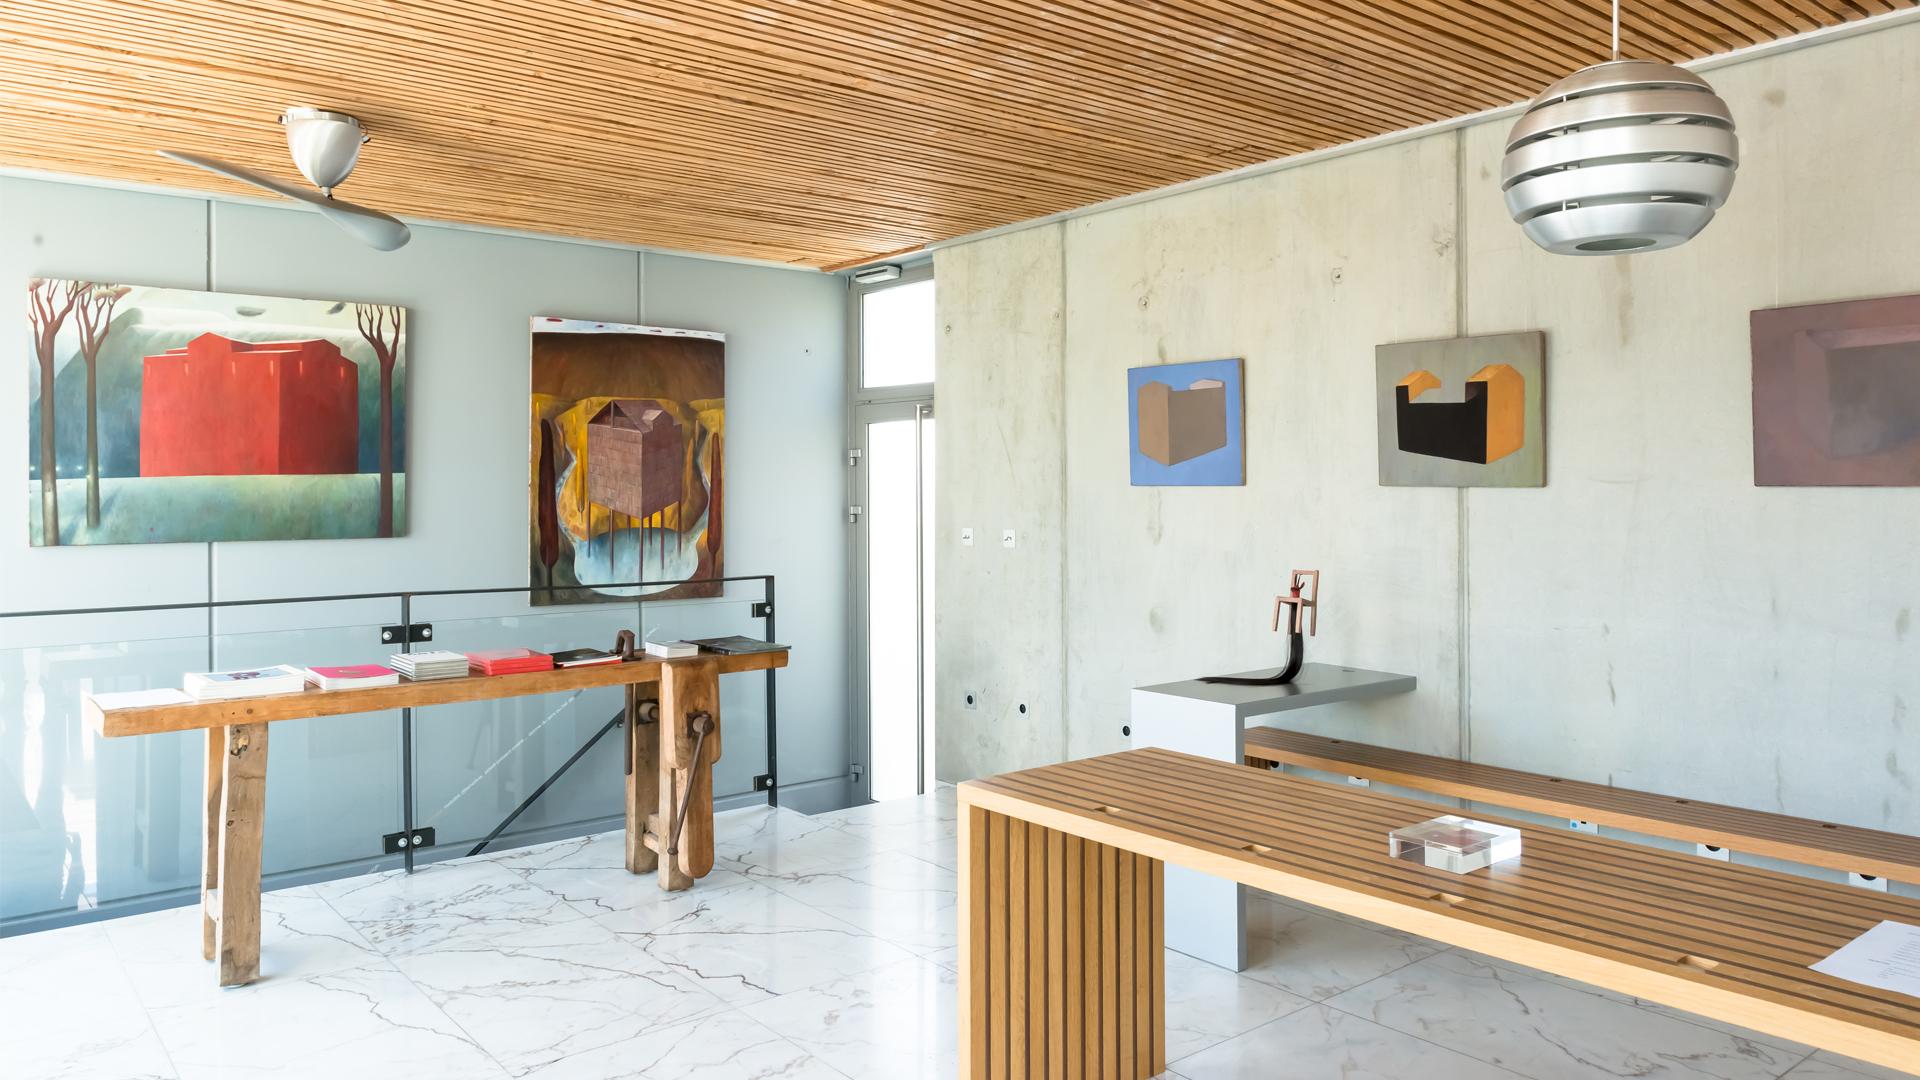 12-seuil-architecture-art-et-architecture